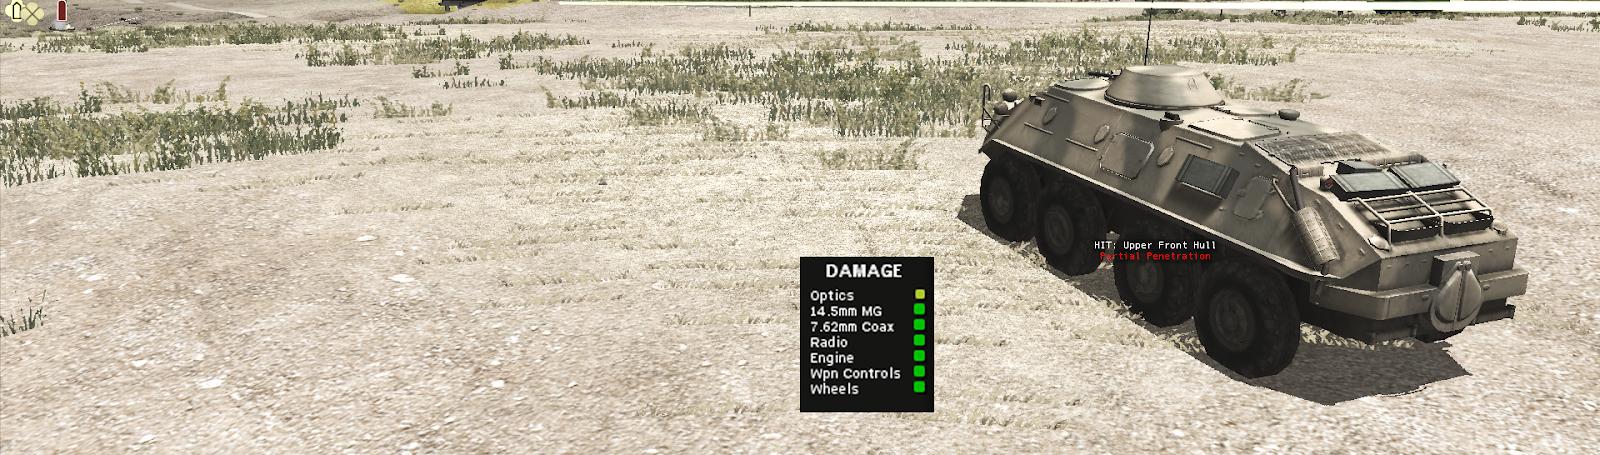 D+BTR-1-Action+1A.png